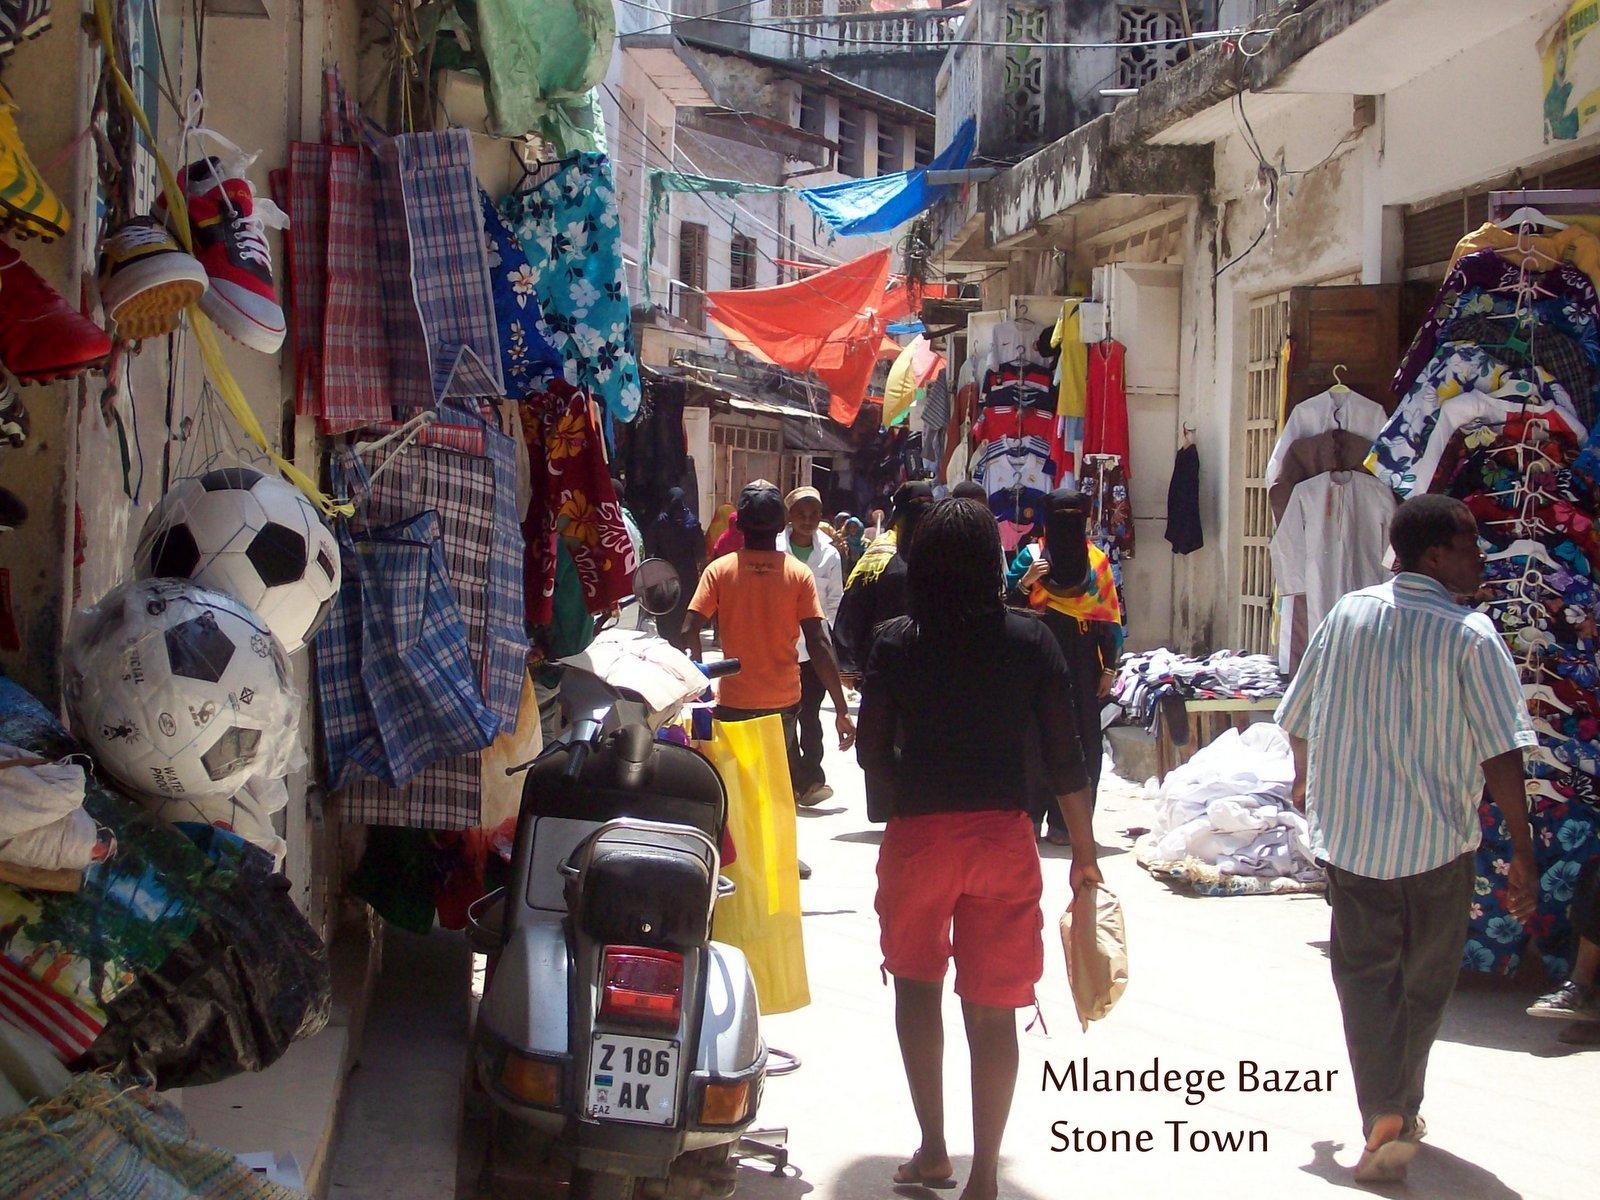 Mlandege Bazar - Stone Town